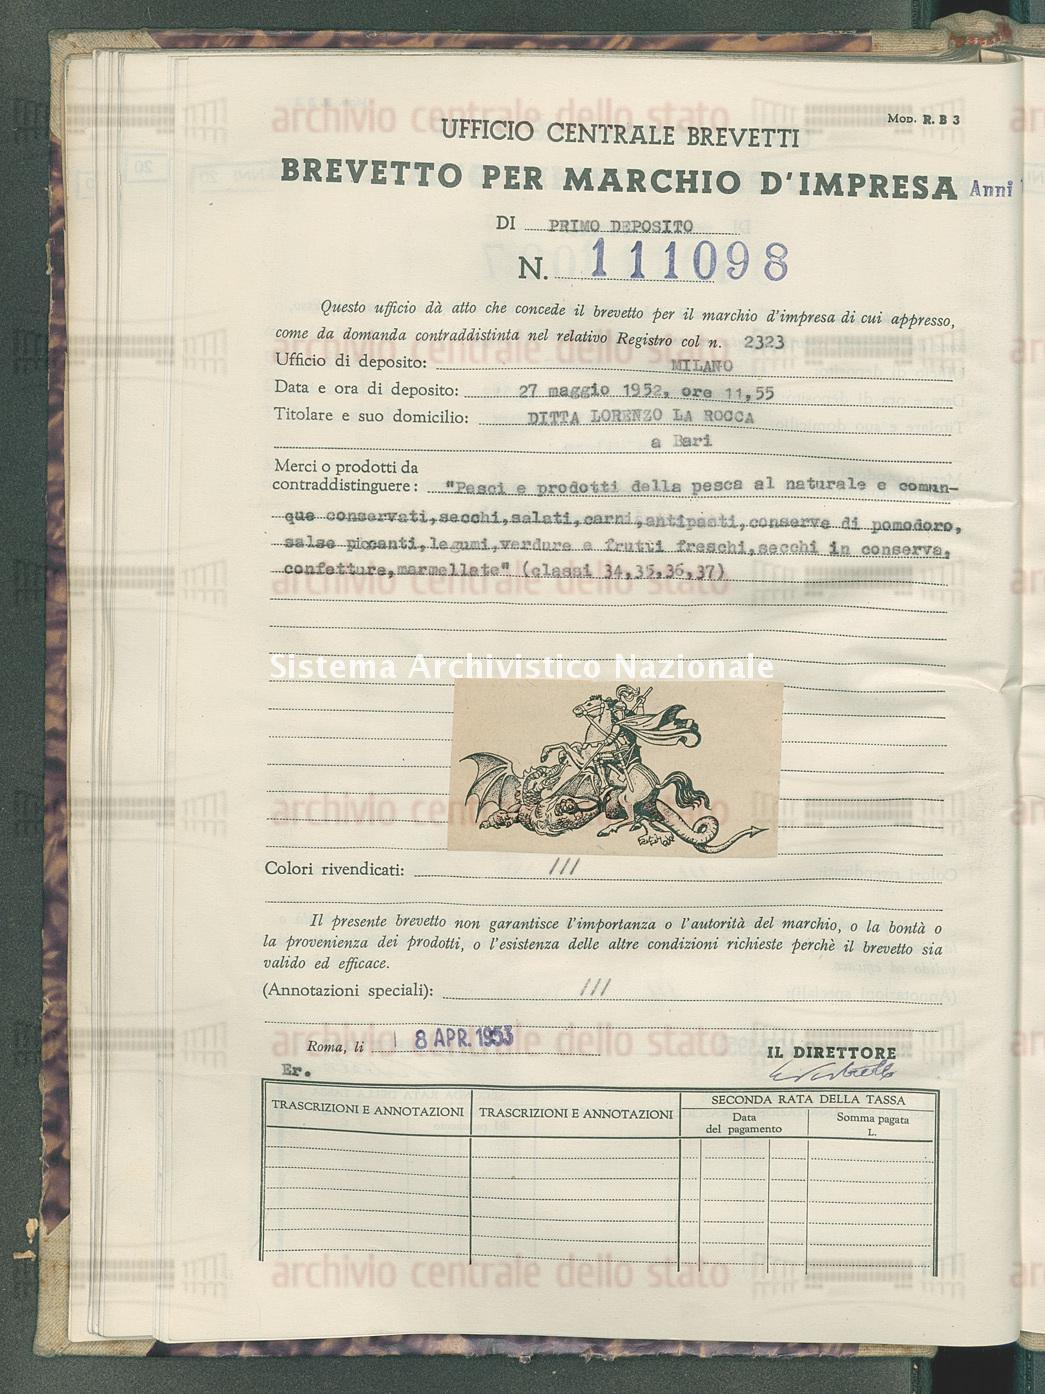 'Pesci e prodotti della pesca al naturale e comunque conservati, ecc. Ditta Lorenzo La Rocca (08/04/1953)